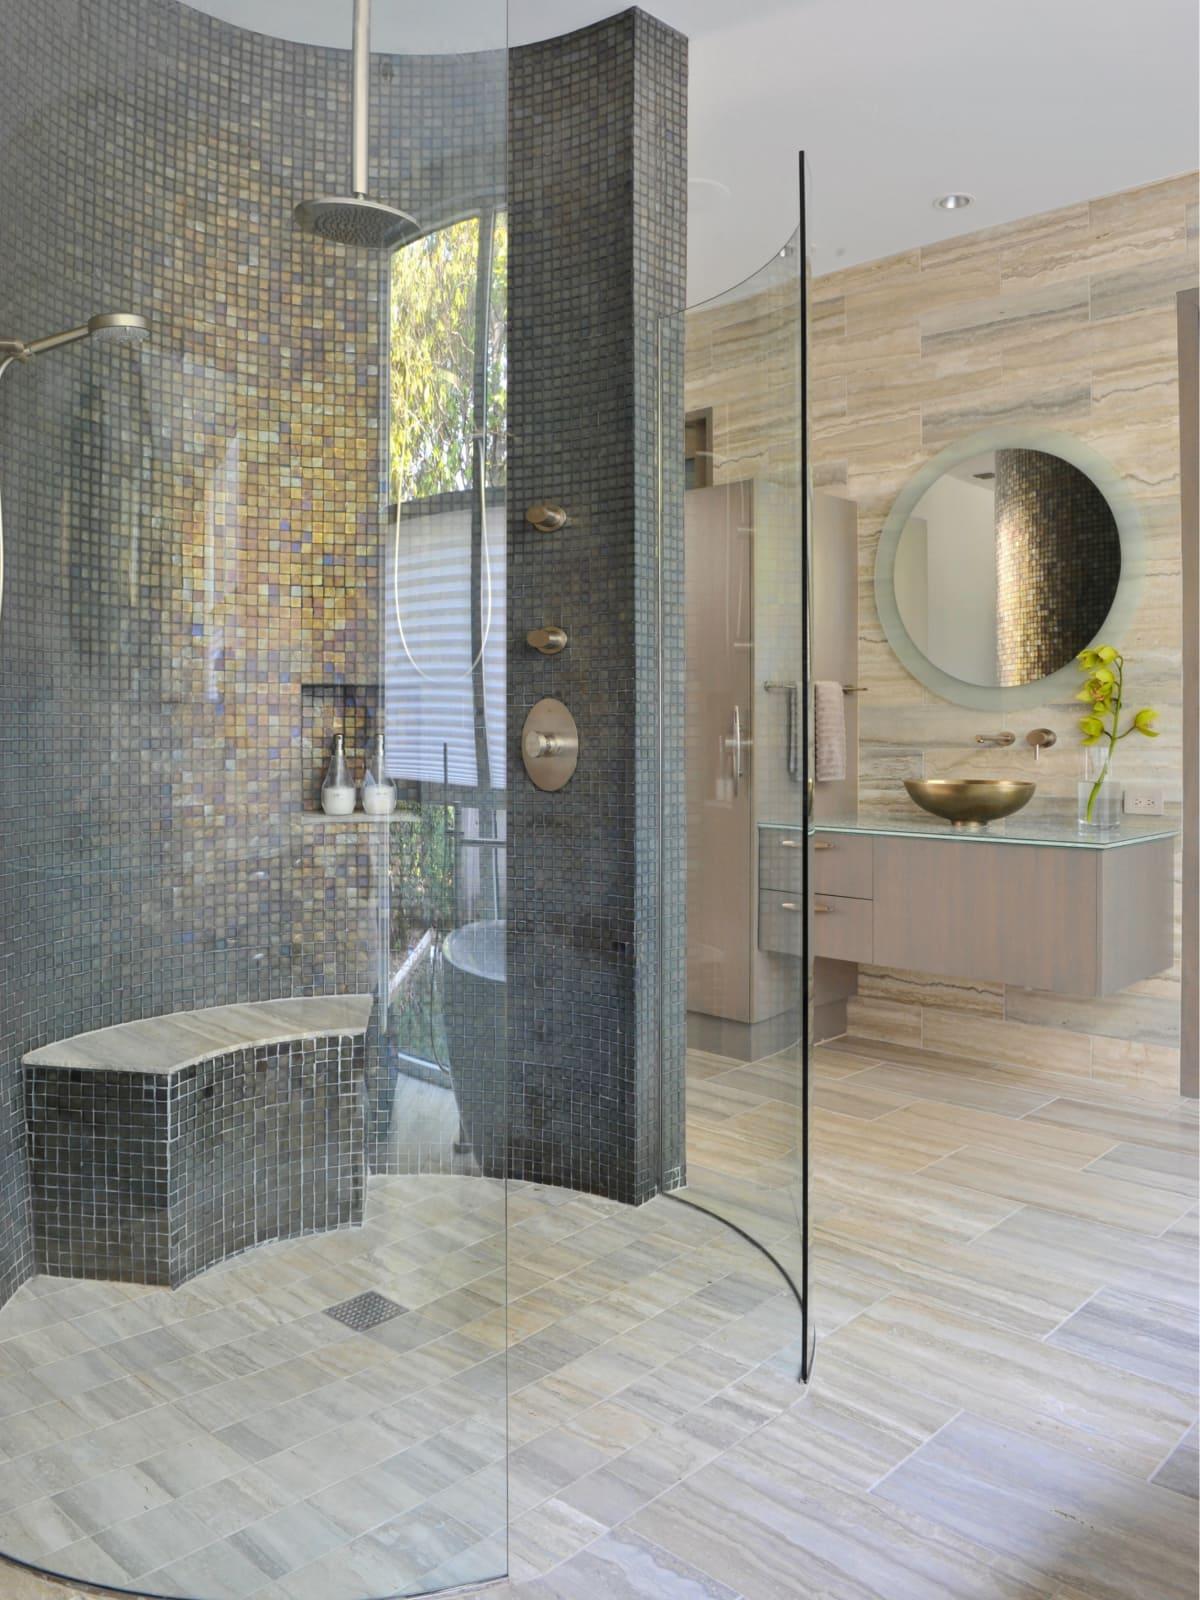 Master bath designed by Key Residential in Dallas